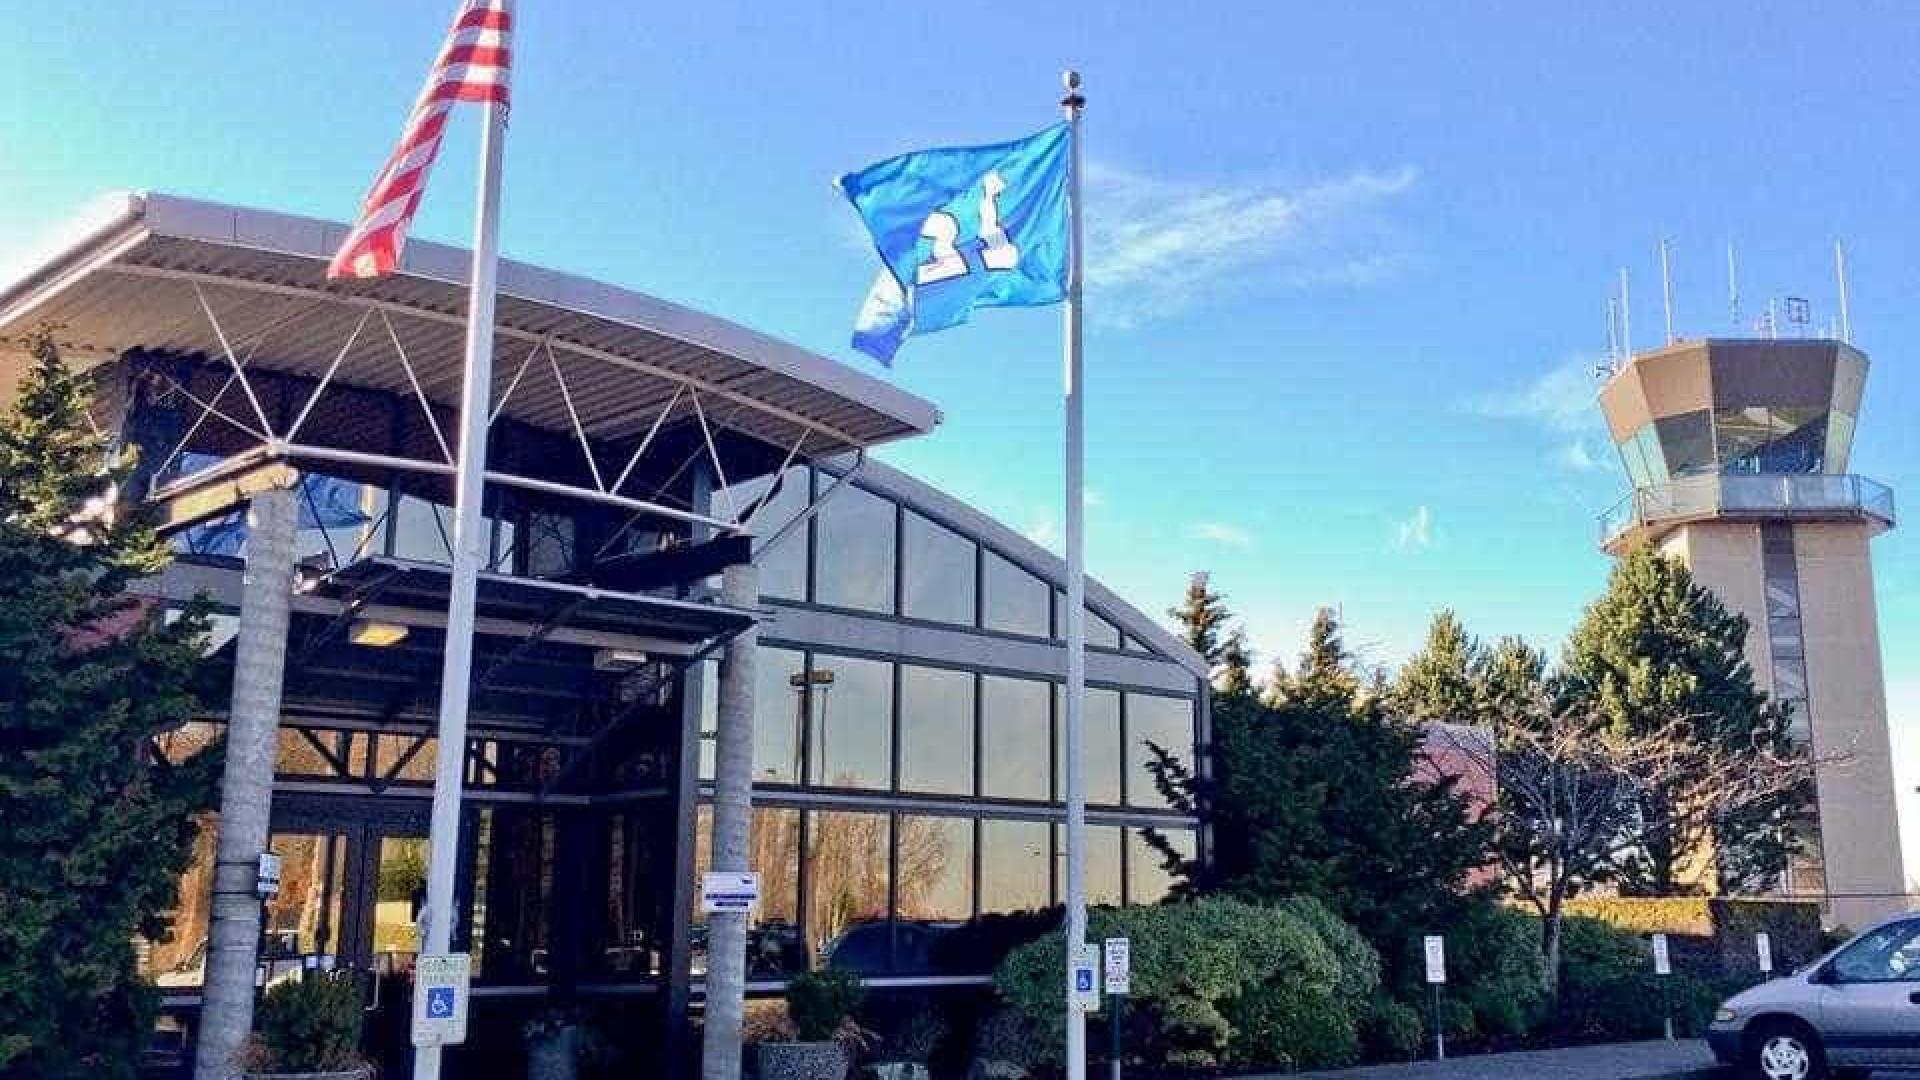 Aeroporto Washington : Notícias ao minuto washington aeroporto de bellingham